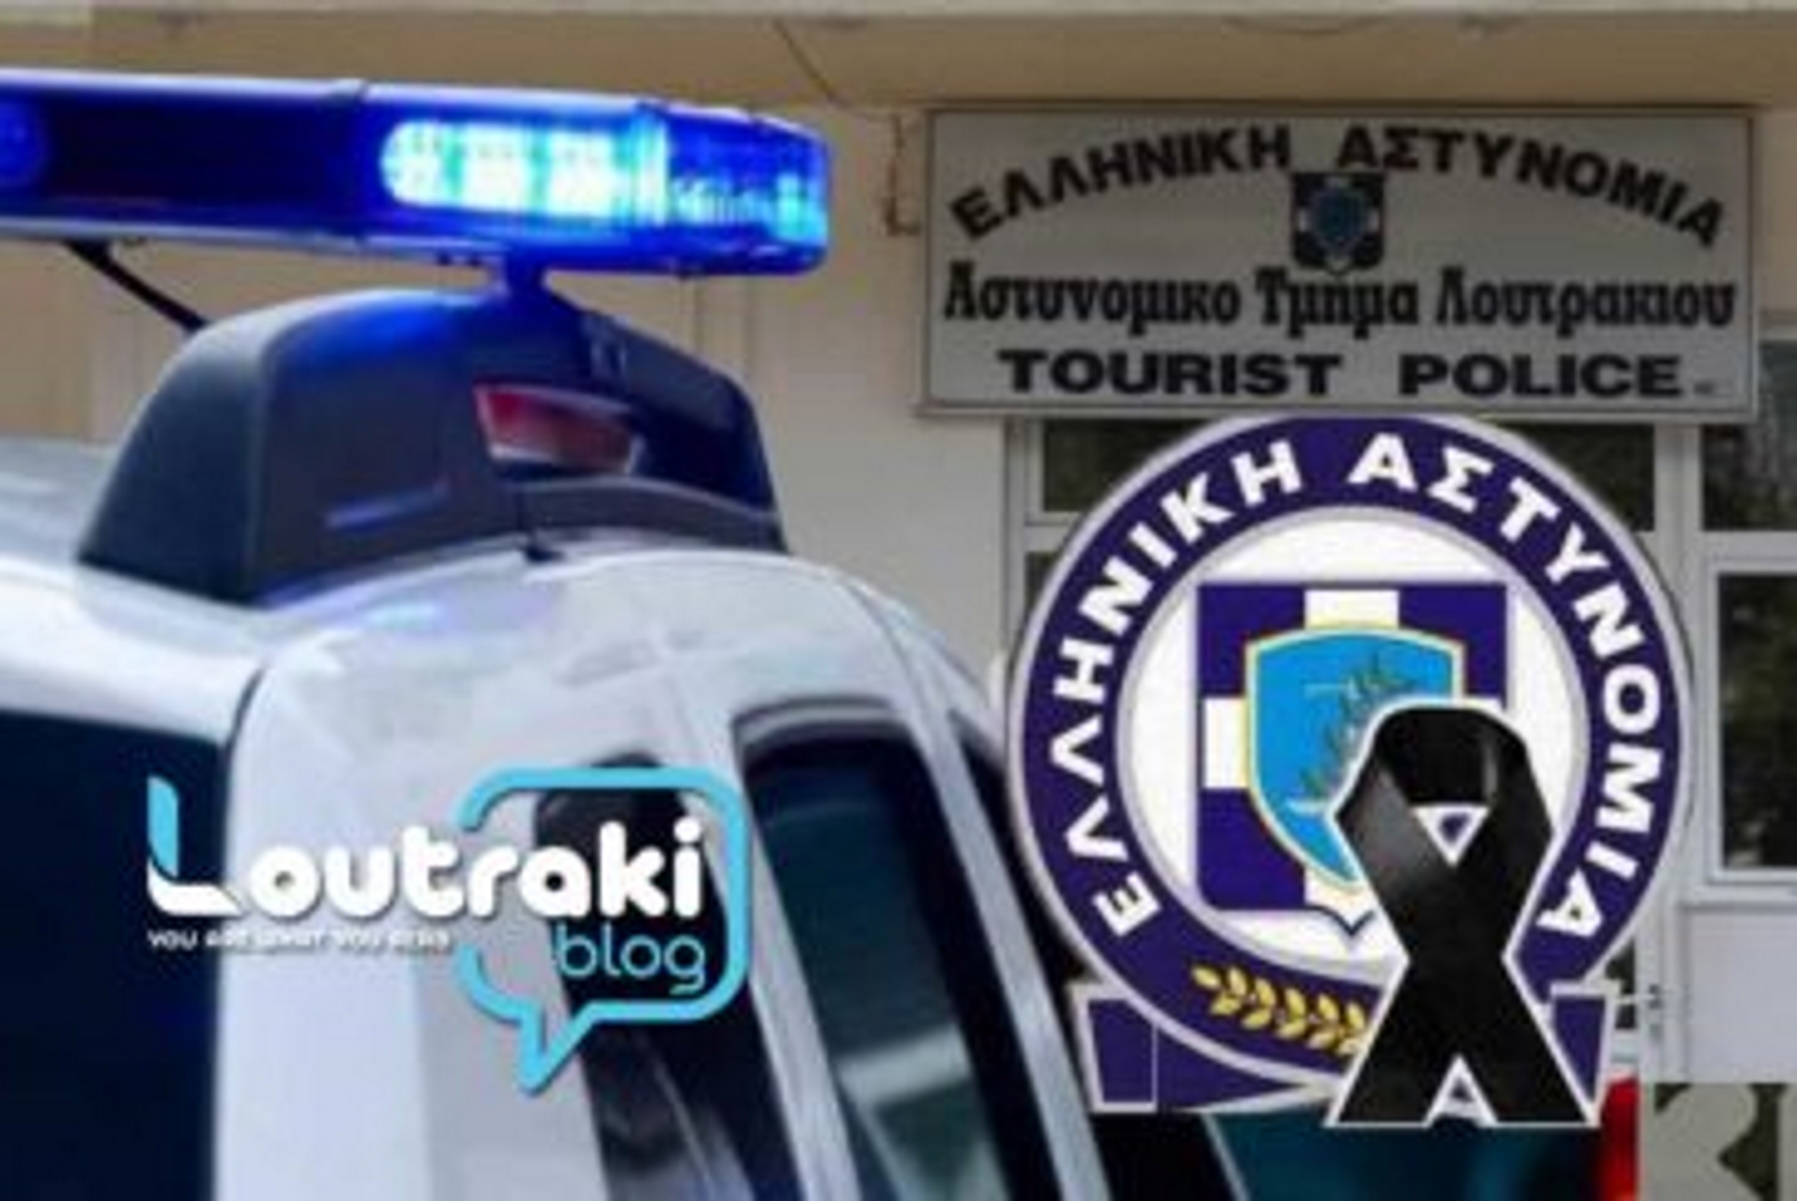 Θρήνος στο Λουτράκι: «Έσβησε» 55χρονος αστυνομικός